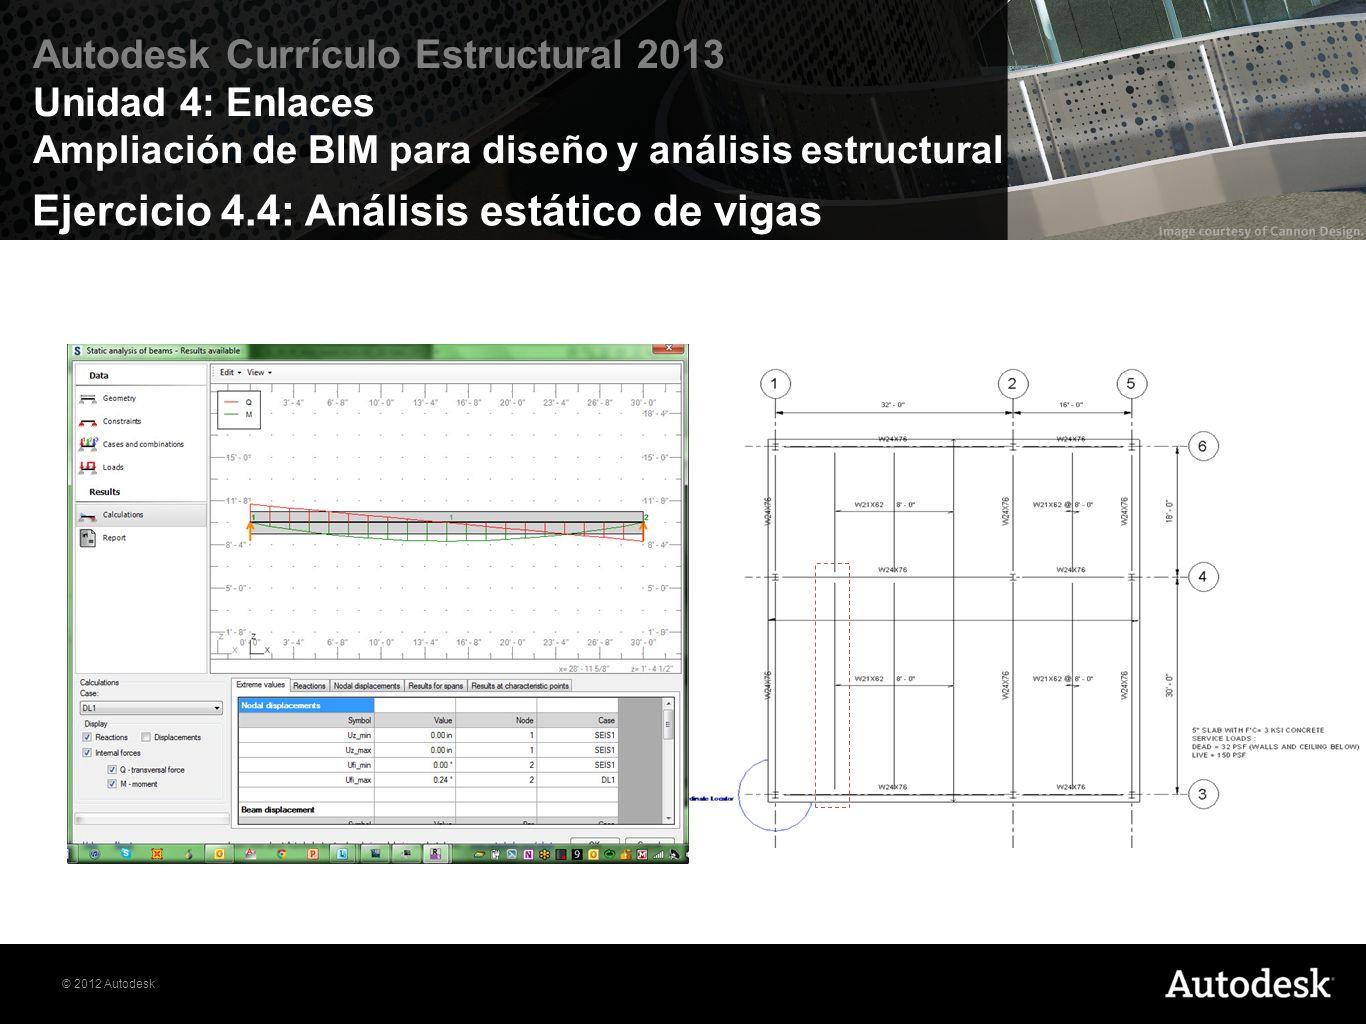 © 2012 Autodesk Autodesk Currículo Estructural 2013 Unidad 4: Enlaces Ampliación de BIM para diseño y análisis estructural Ejercicio 4.4: Análisis est